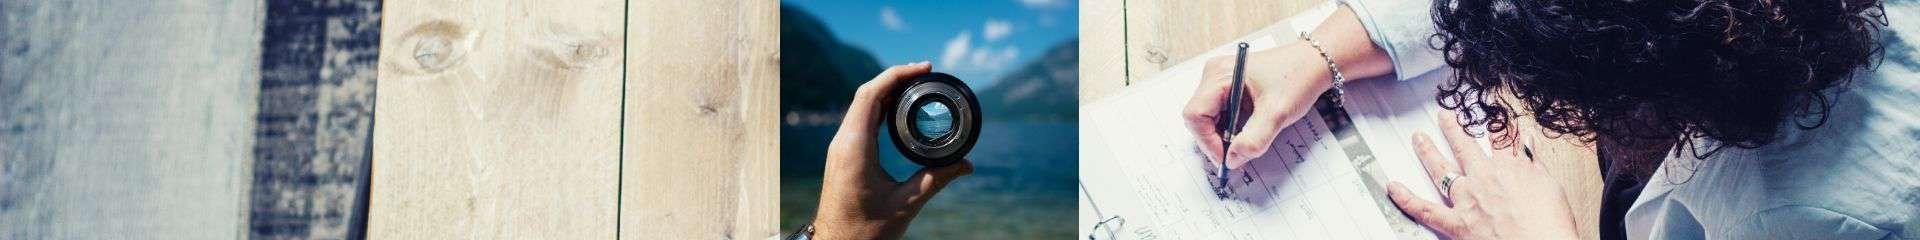 Focus! Makkelijker gezegd dan gedaan…